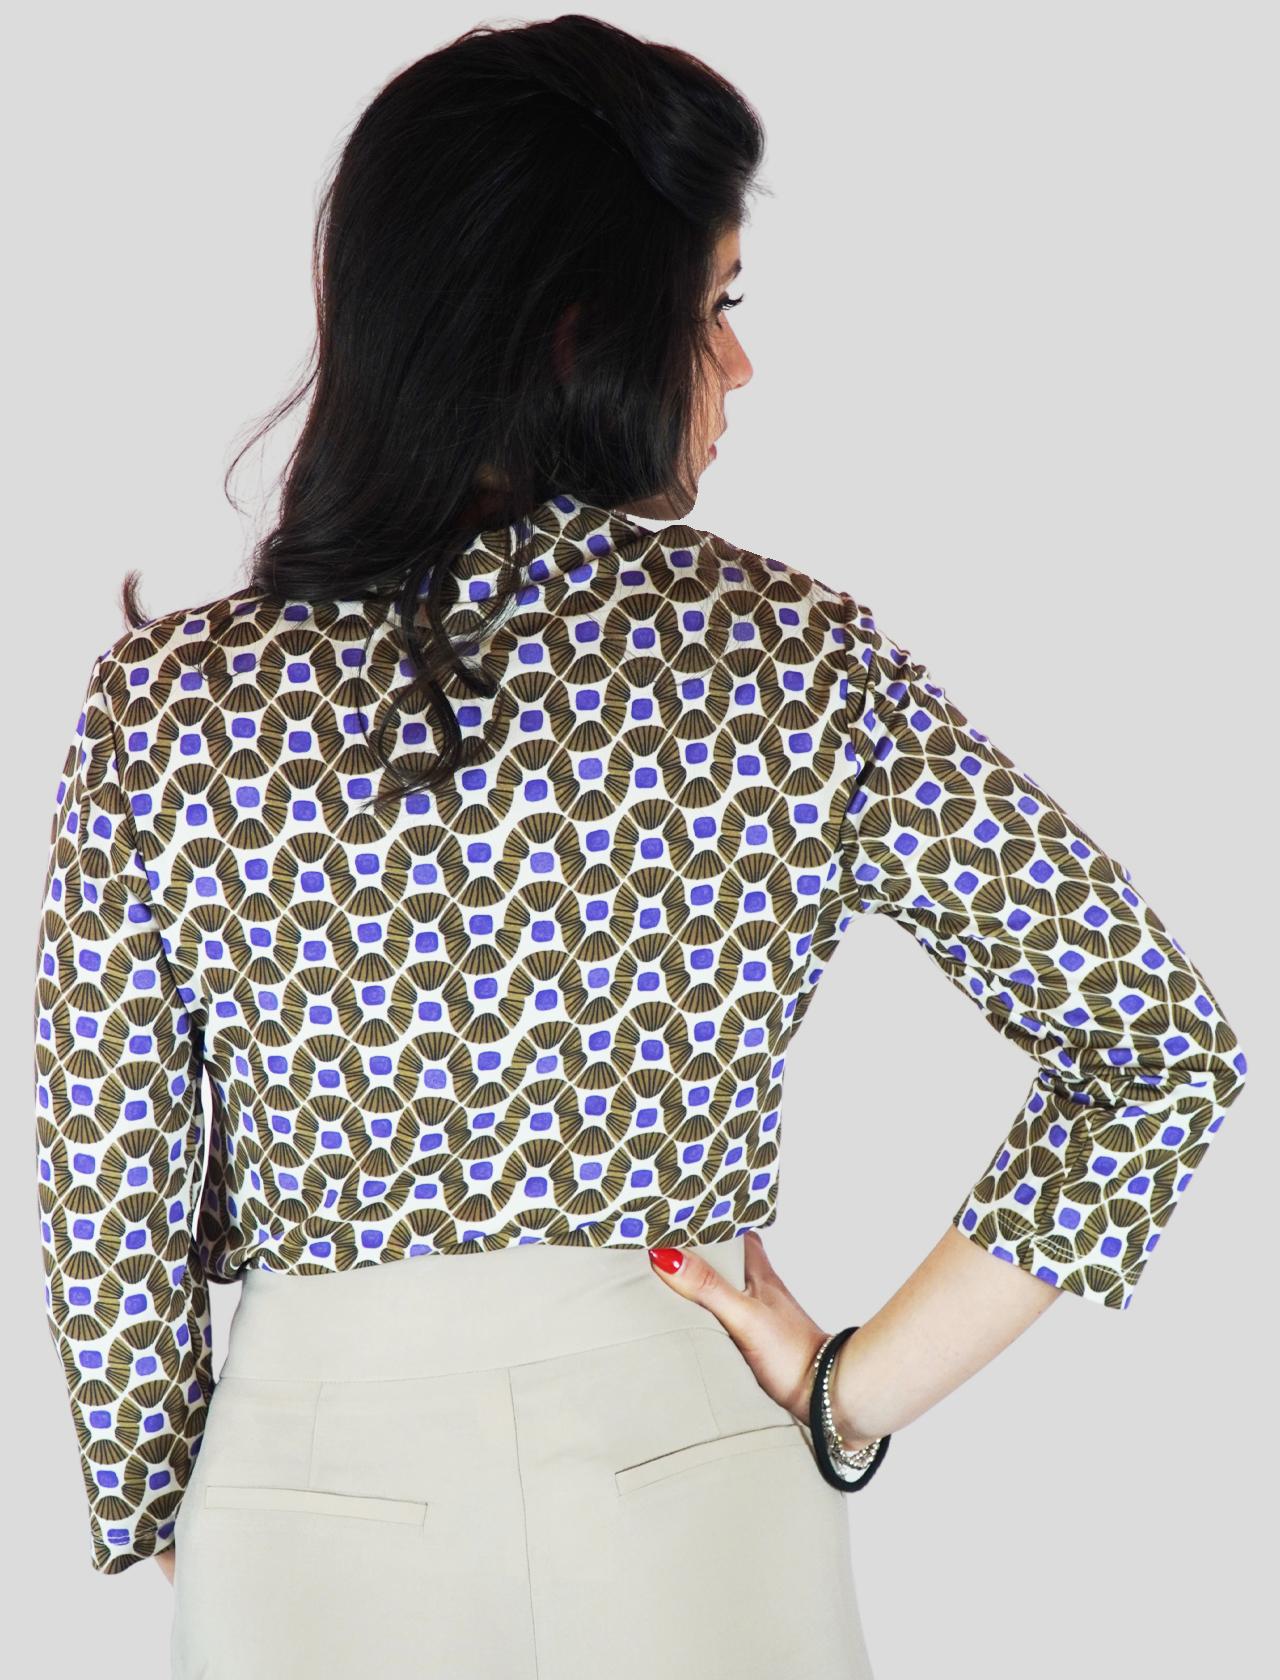 Abbigliamento Donna Camicia in Jersey Happy Frame Manica Lunga a Fantasia Beige e Malva Maliparmi | Camicie e Top | JM440770493B1104